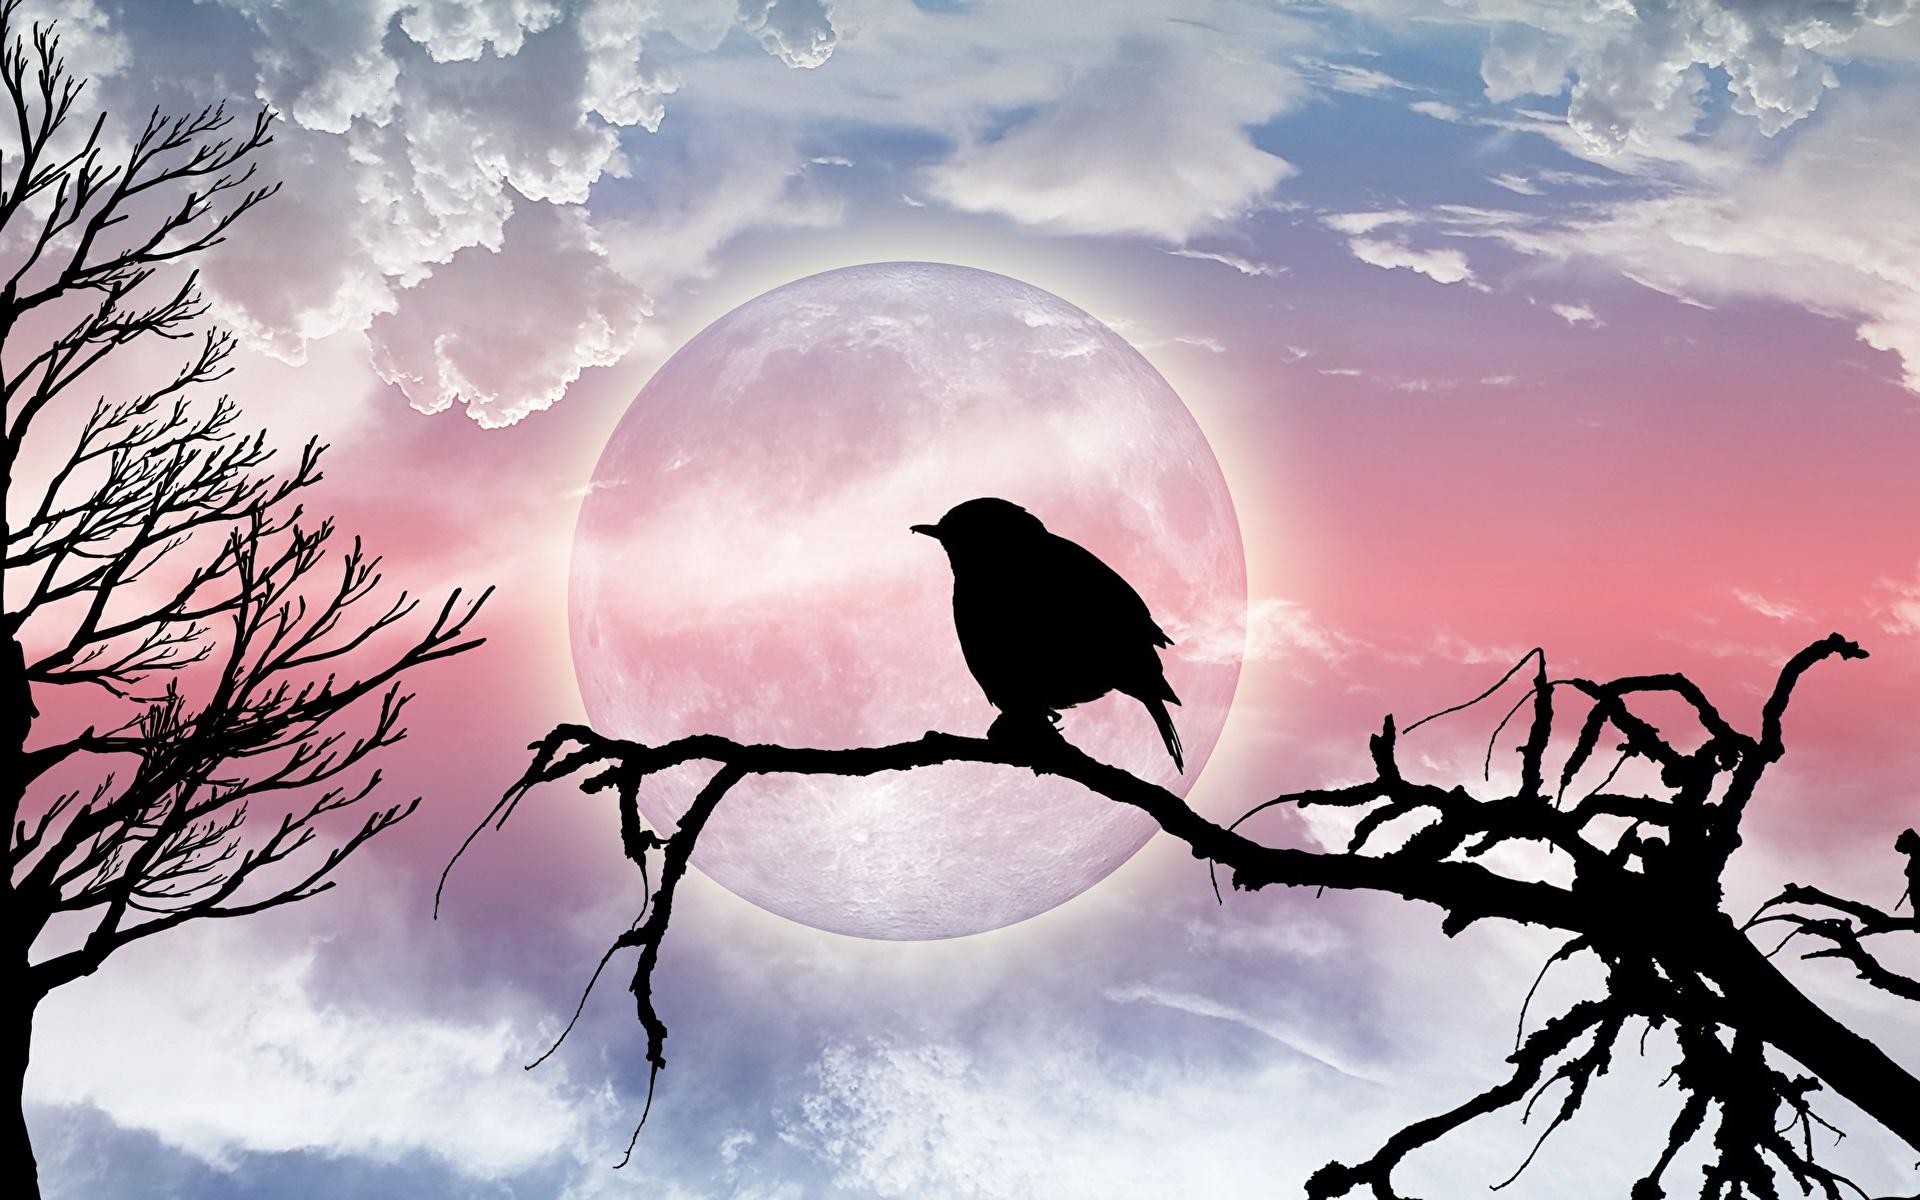 Картинка Птицы силуэты Луна ветвь 1920x1200 птица Силуэт силуэта луны луной Ветки ветка на ветке